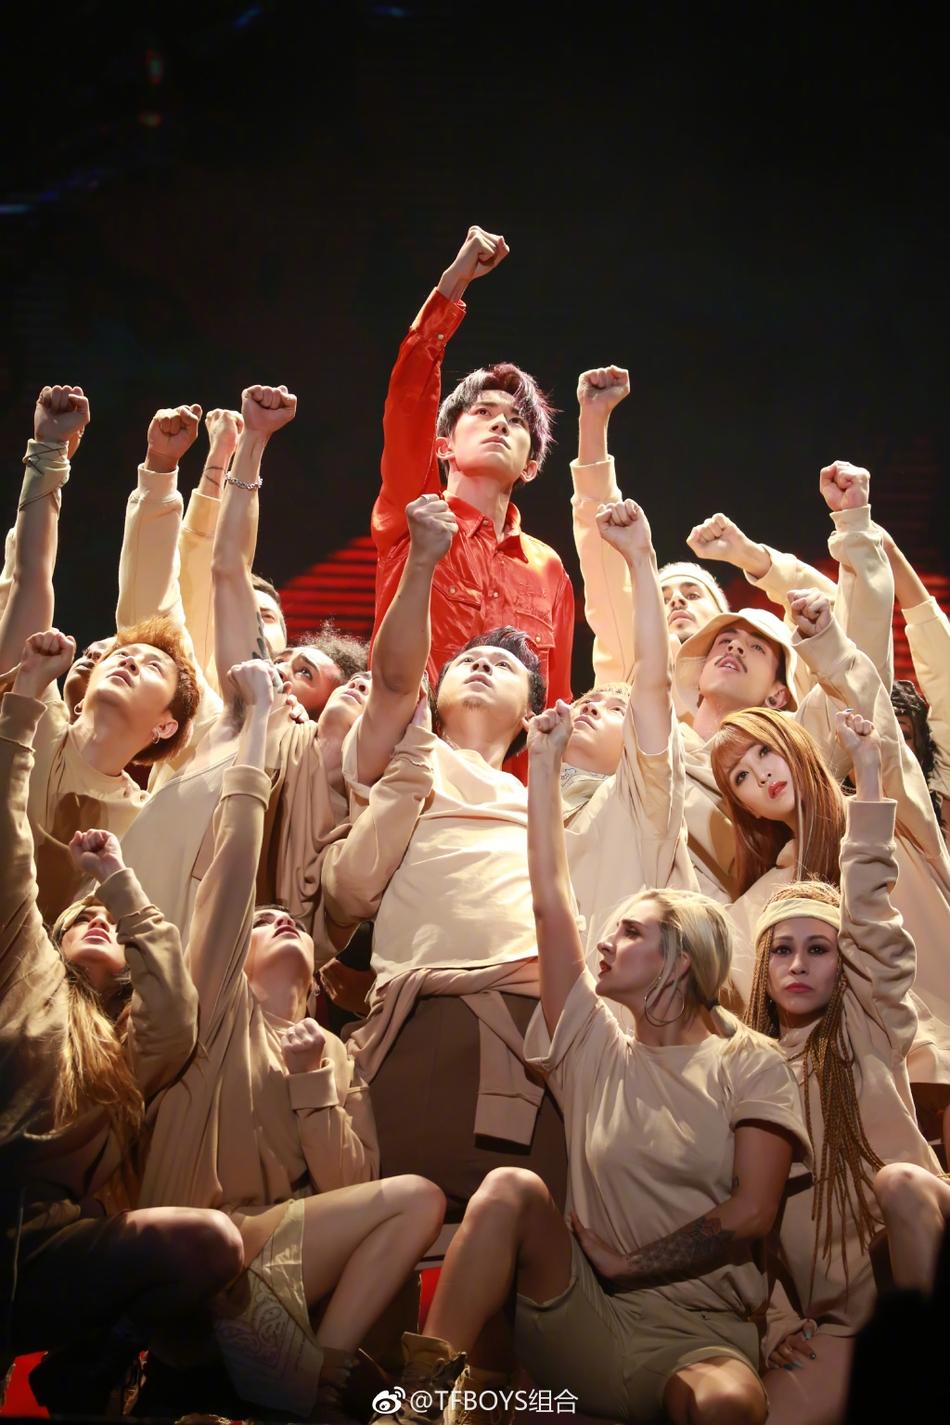 <br/>  11月28日,易烊千玺在北京五棵松体育馆举办自己的17岁生日会。当天三小只再度合体,王源、王俊凯也到现场送祝福。易烊千玺现场与性感辣妹共舞,深情演唱《Boyfriend》声音苏到不行。<br/>